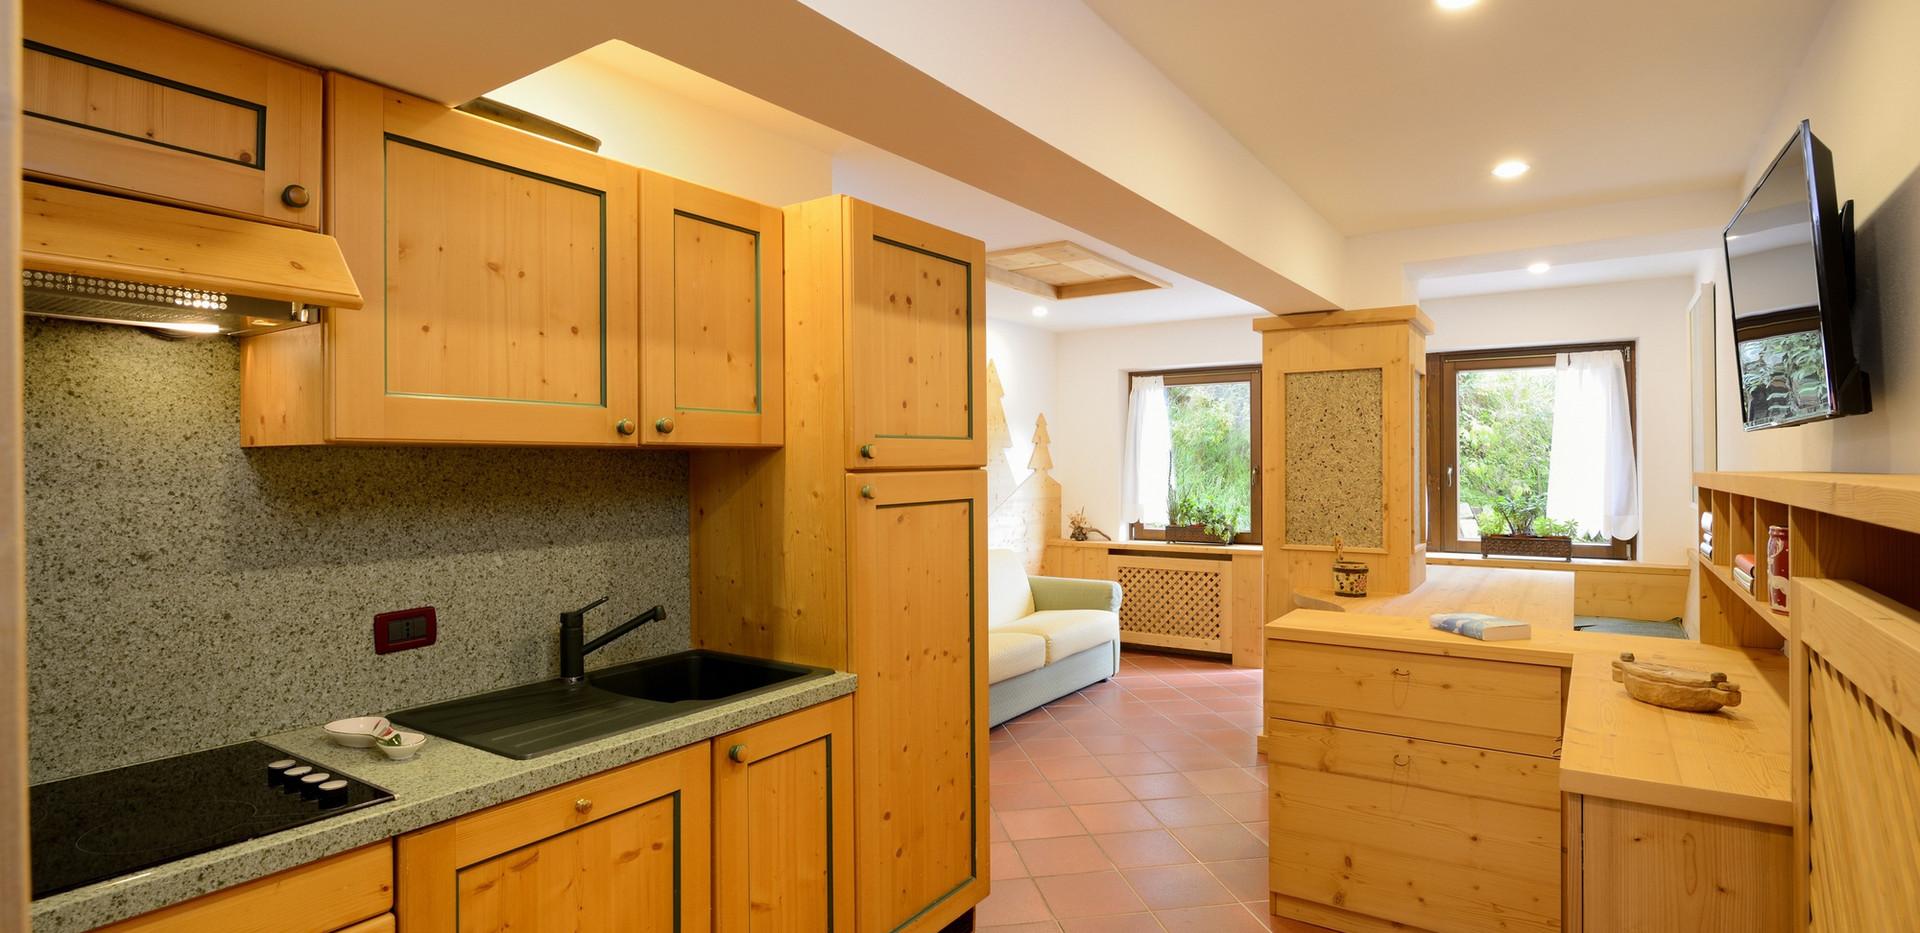 Hera - cucina e soggiorno